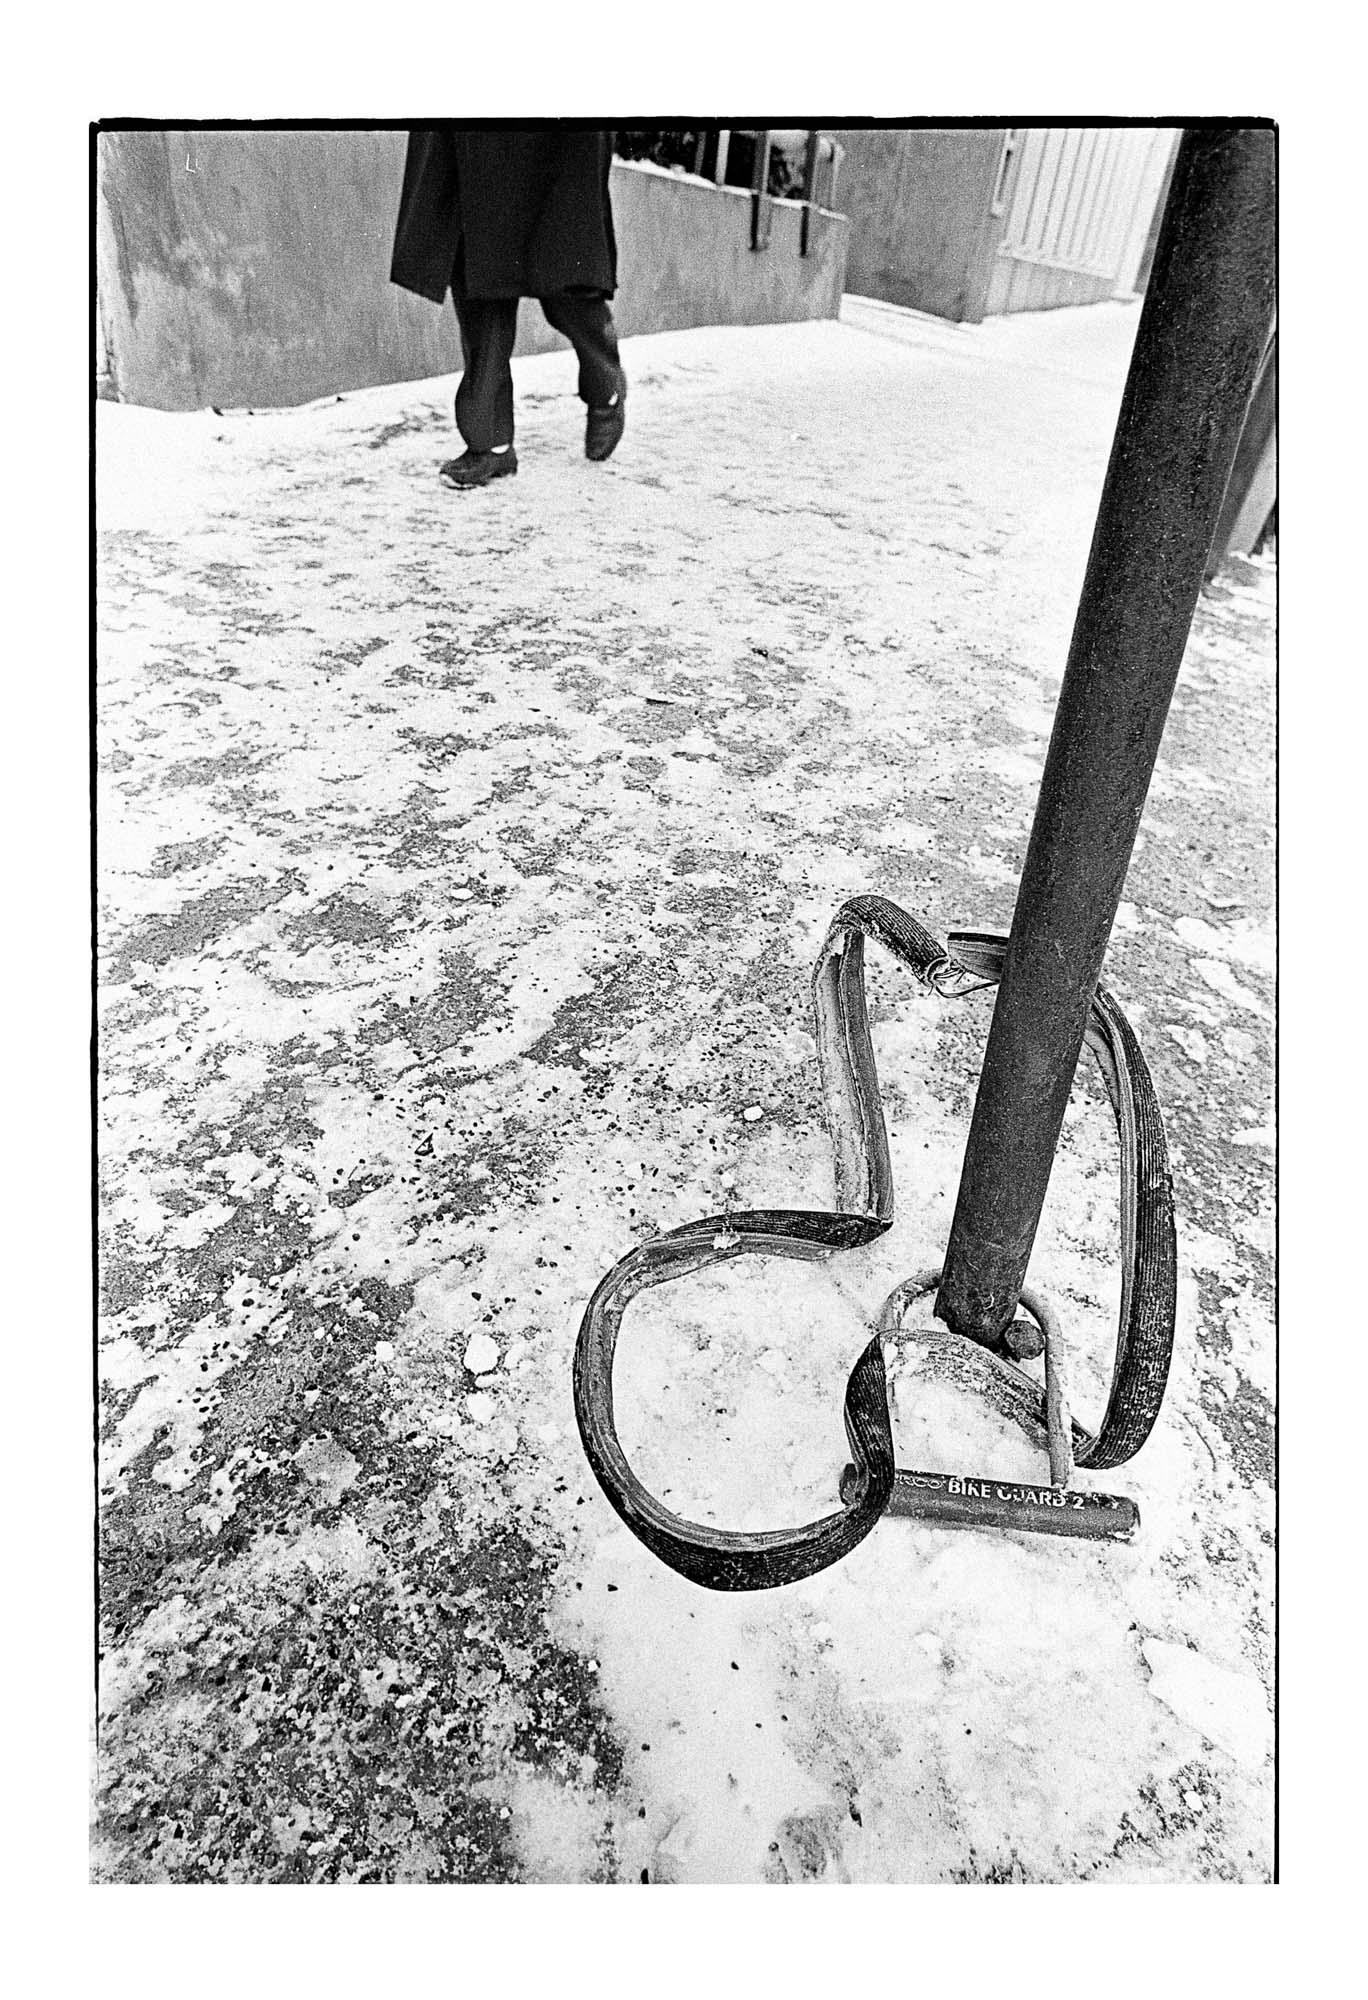 Série de photos sur les vélos abandonnés dans les rues de Montréal